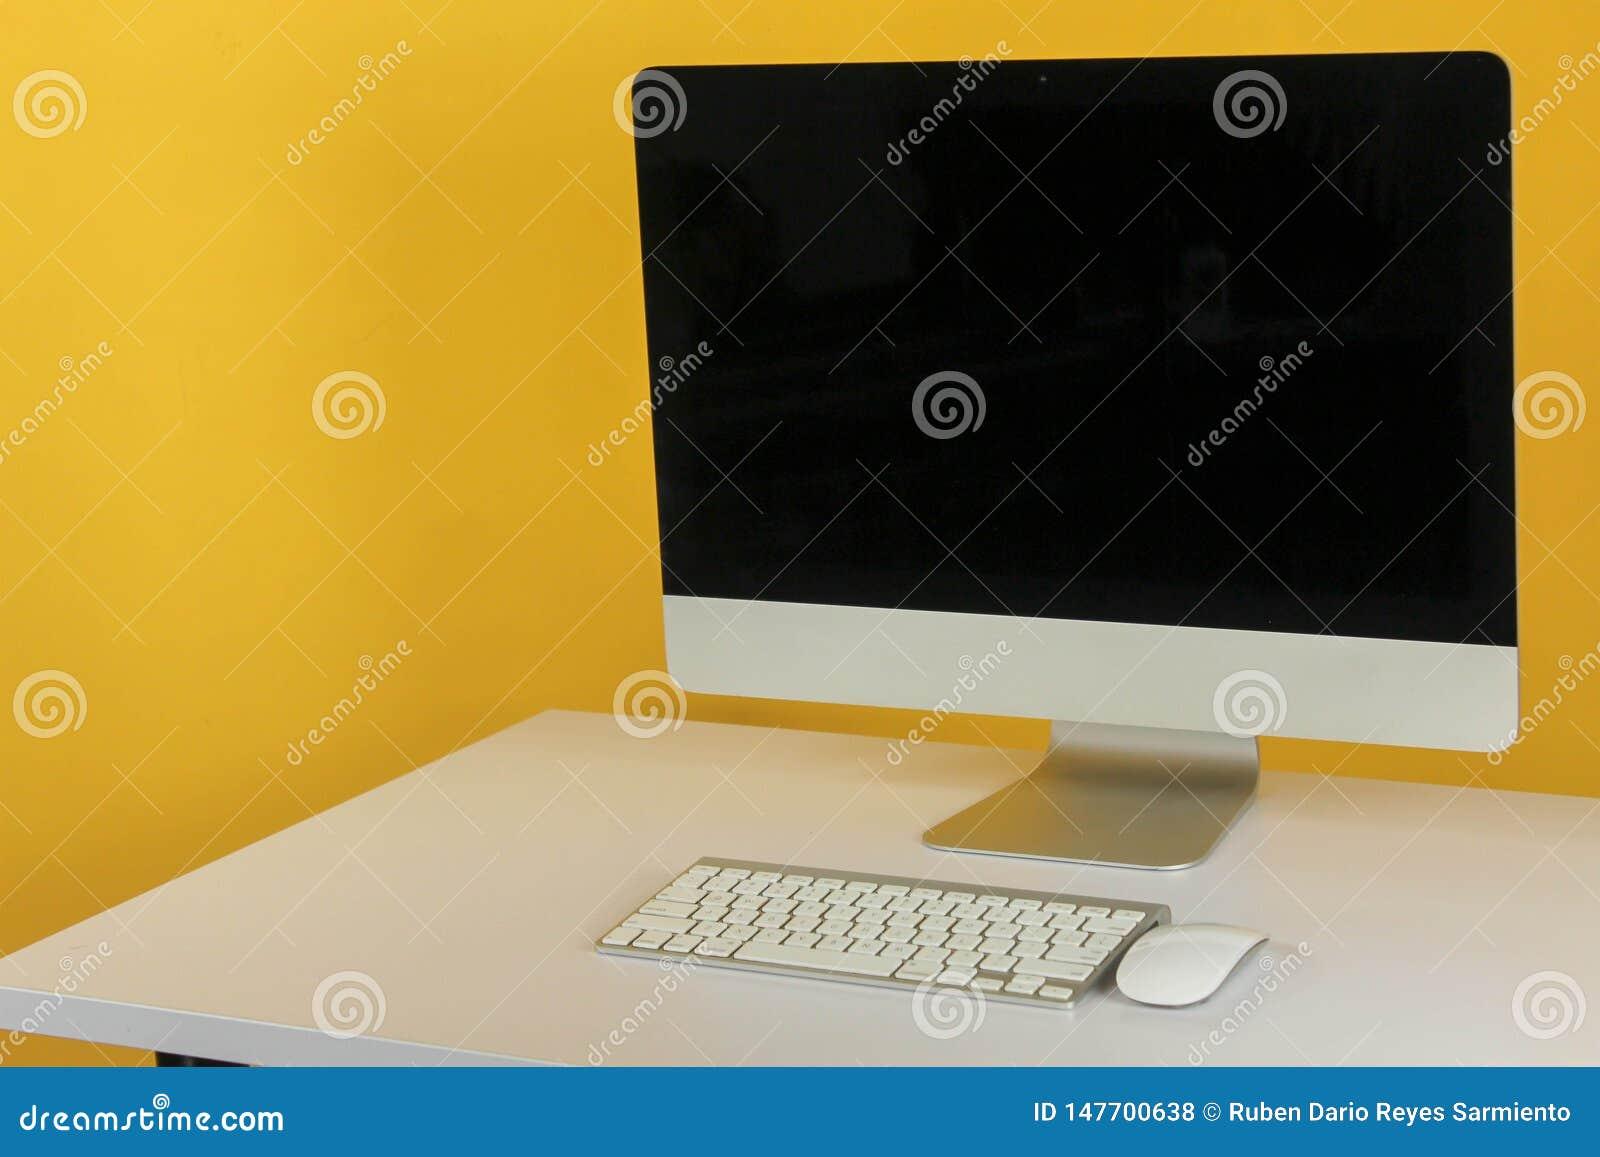 Espa?o de trabalho com o computador na casa ou no est?dio, amarelo da parede do fundo